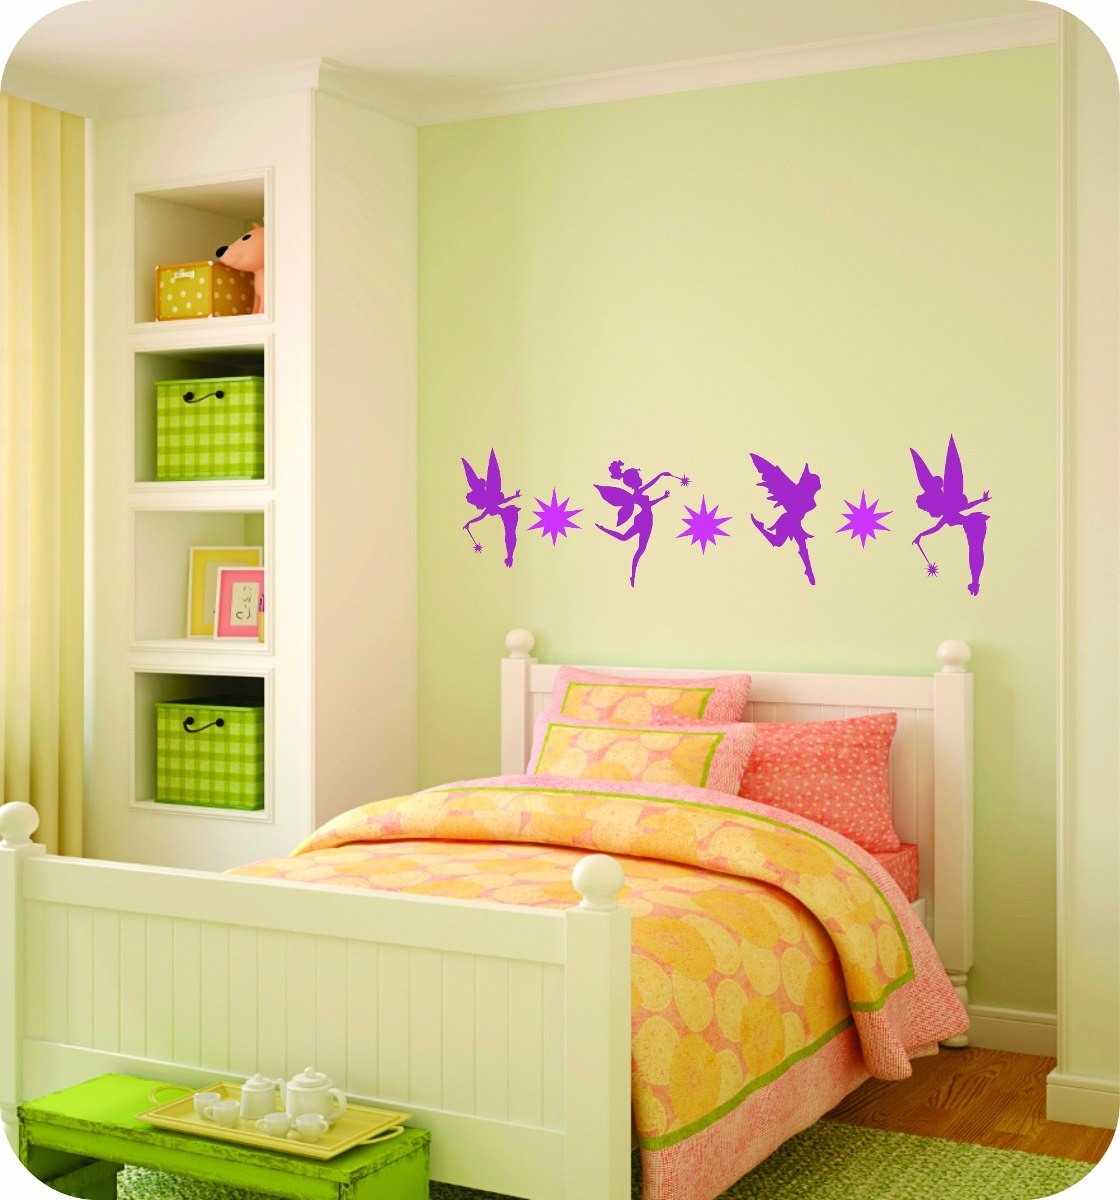 Hadas vinilo infantil ni as decoraci n casa cuarto for Decoracion cuarto nina